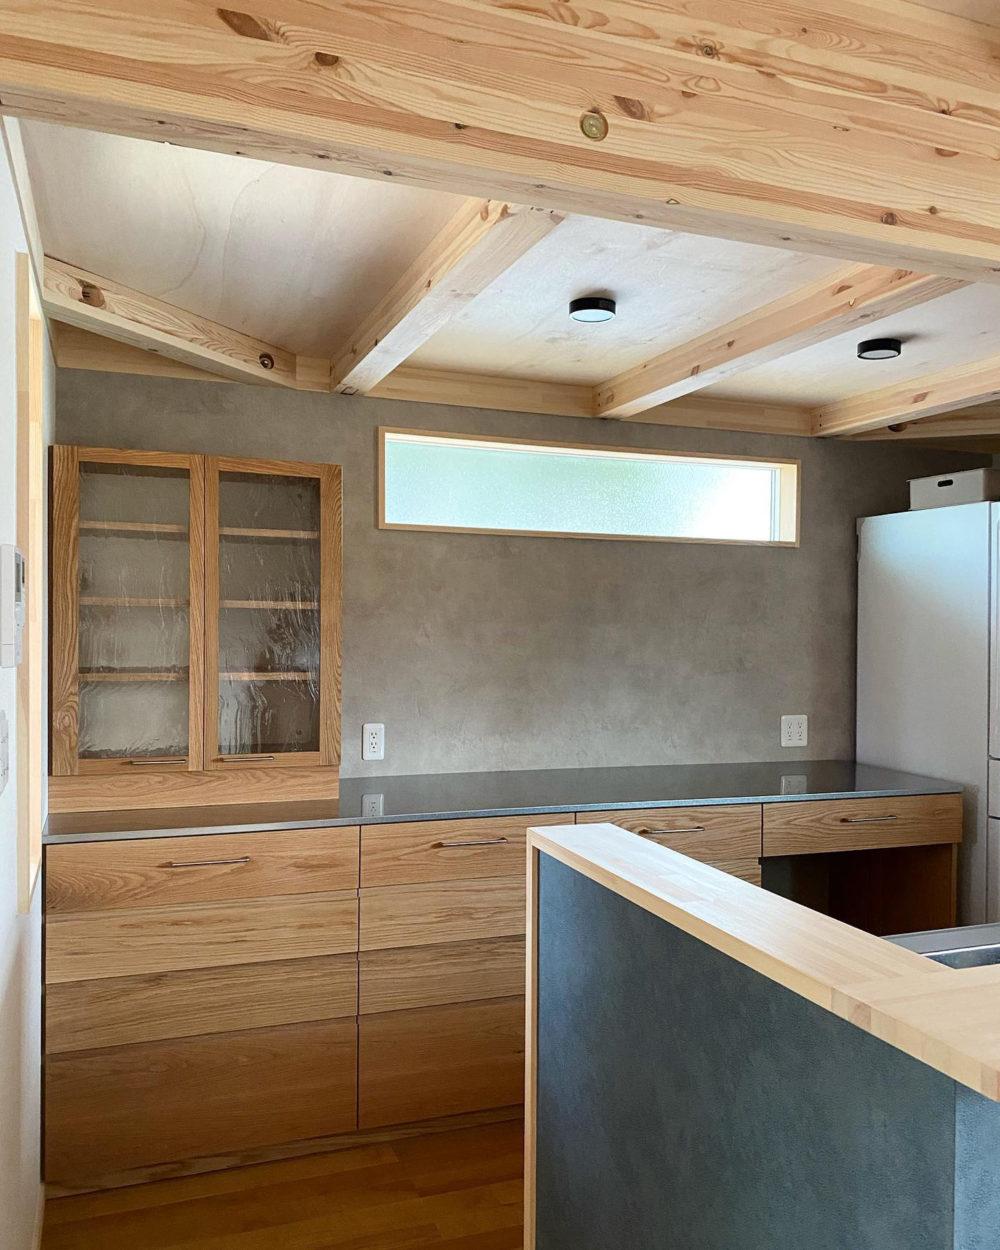 オーダー家具・カップボード・食器棚/関東・茨城